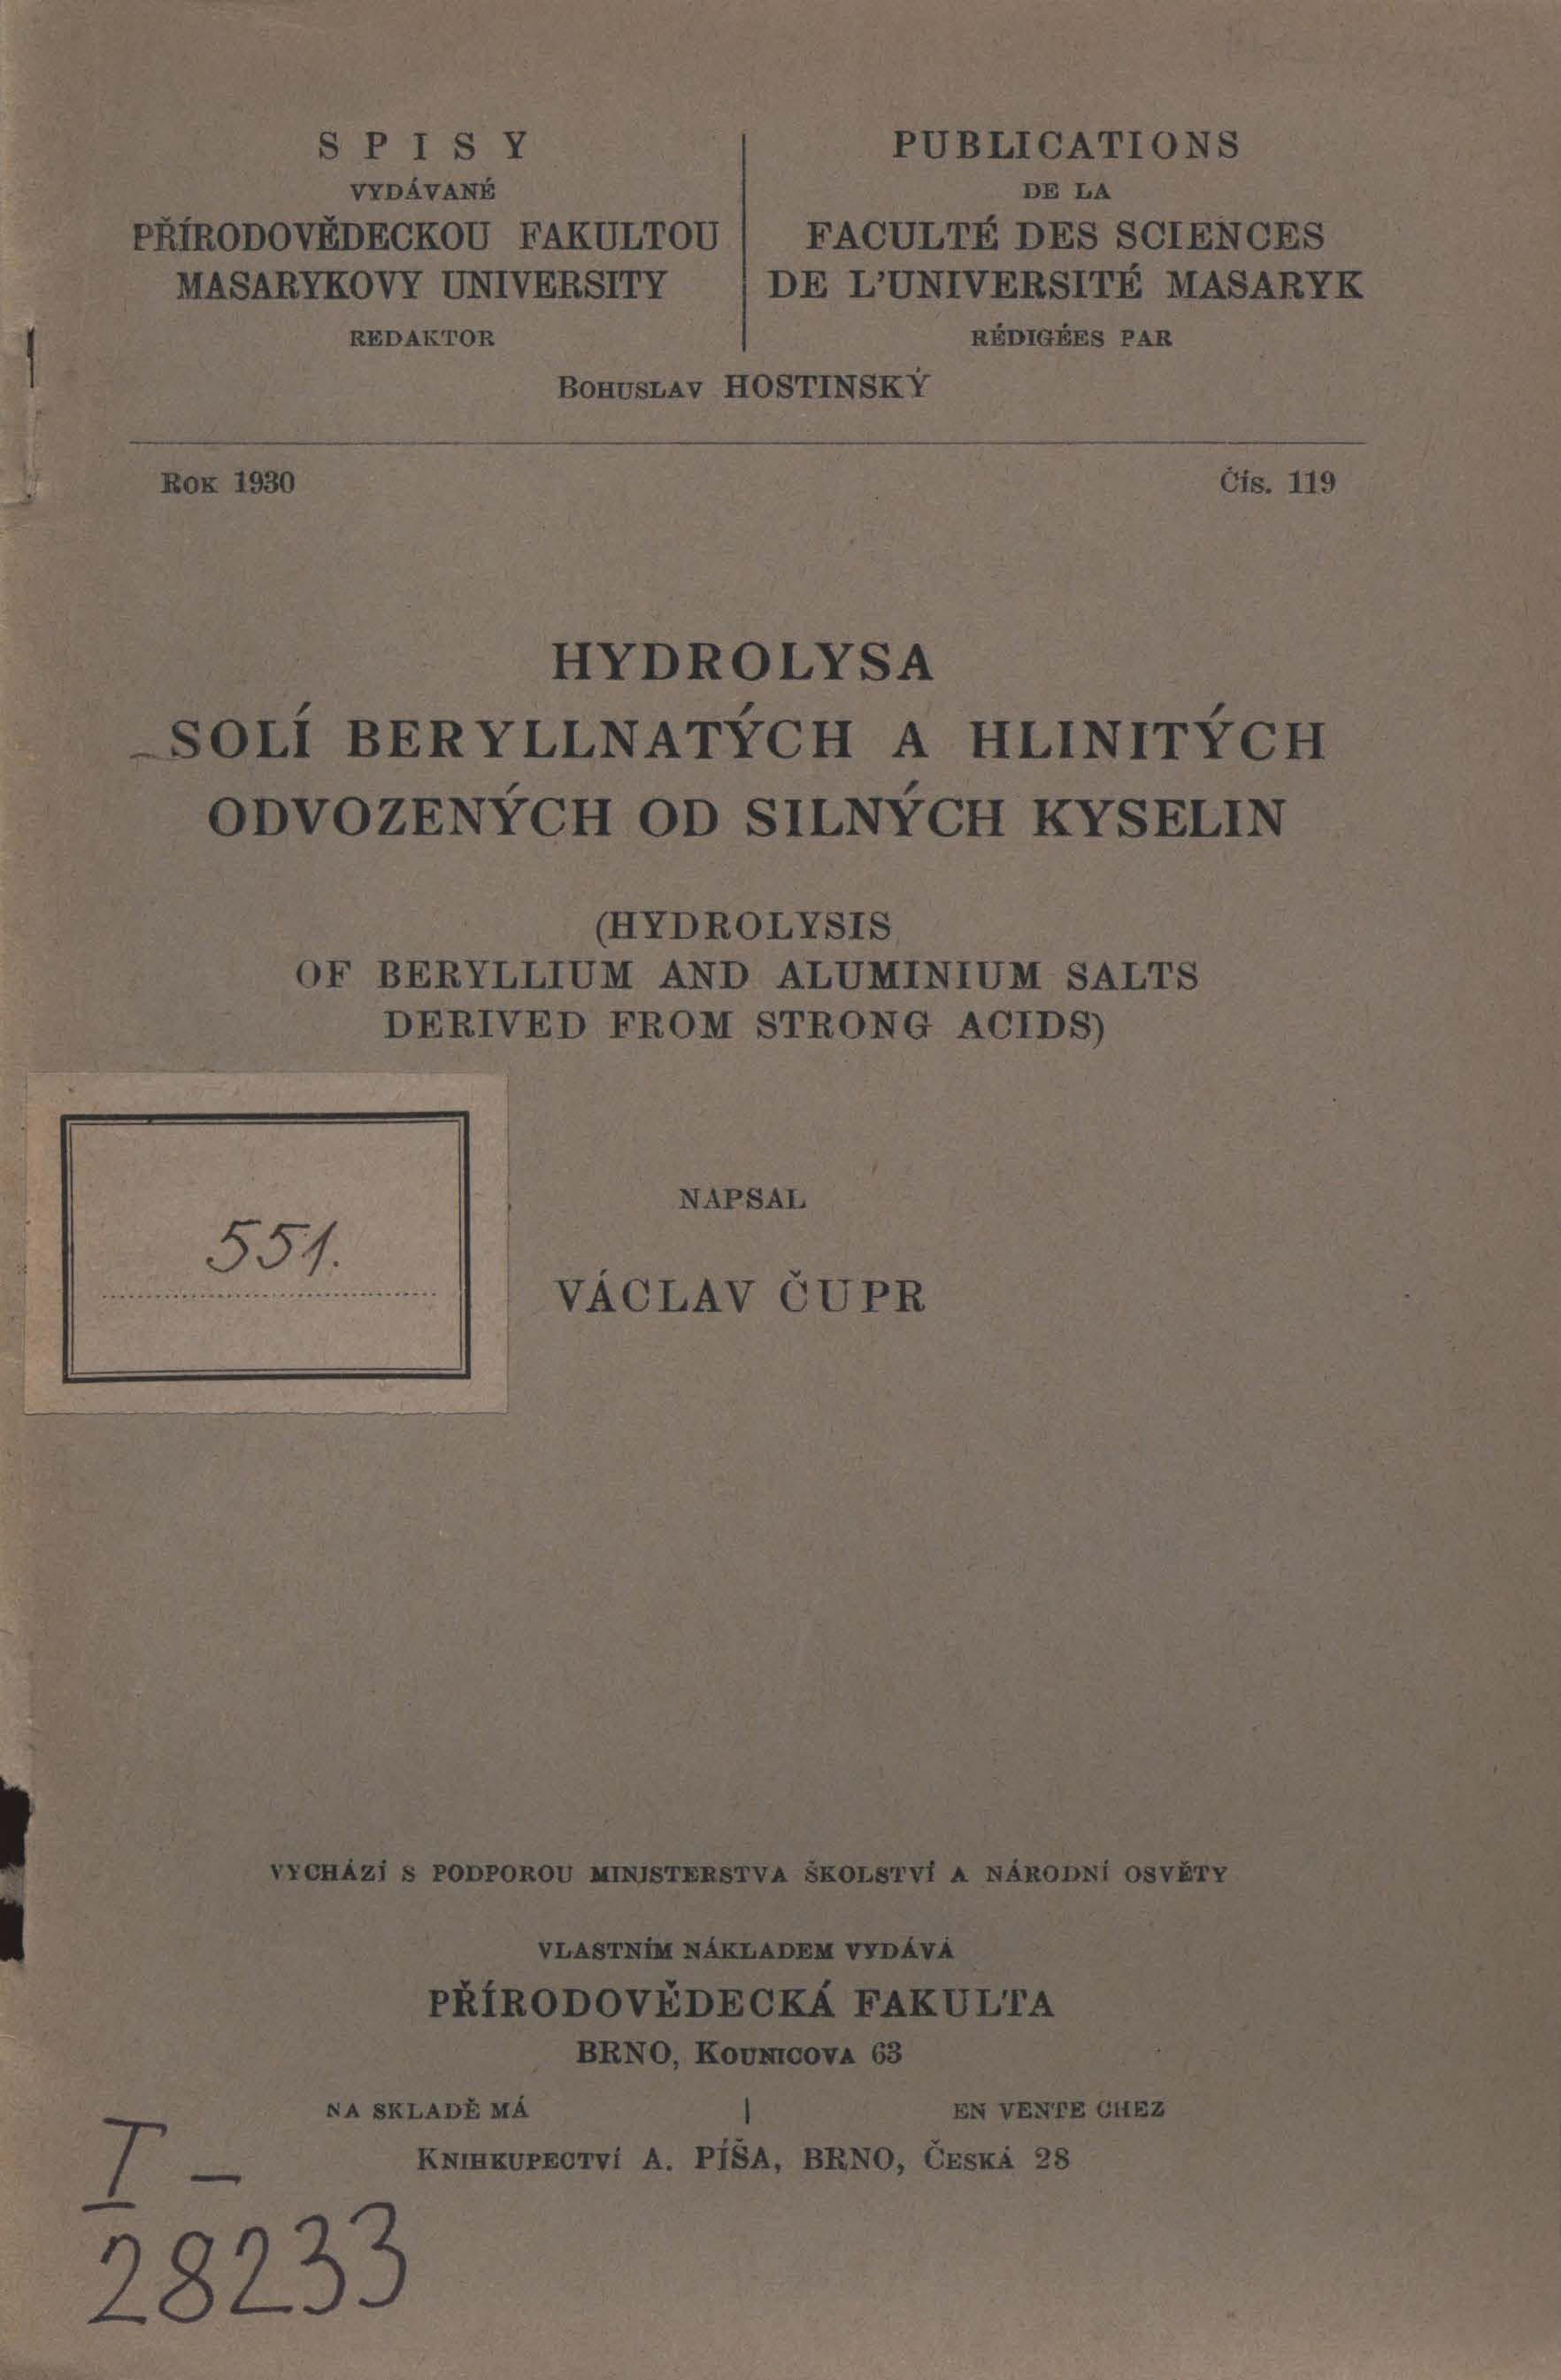 Obálka pro Hydrolysa solí beryllnatých a hlinitých odvozených od silných kyselin